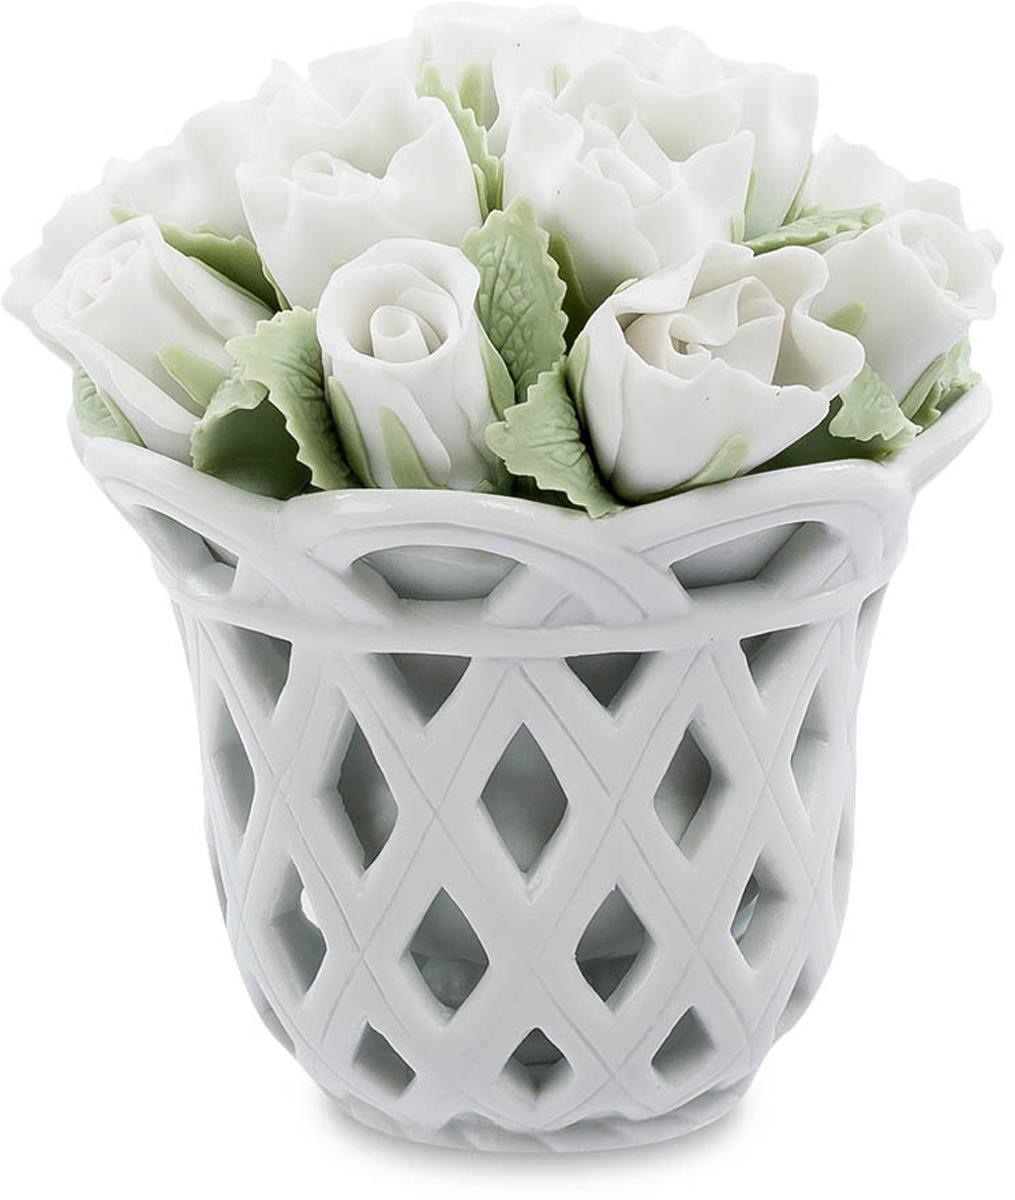 Композиция Pavone Цветочная корзина. CMS-33/26CMS-33/26Композиция Цветочная корзина (Pavone) Элегантная корзина, заполненная белыми розами с бледно-зелеными листьями. Каждый лепесток настолько естественно выглядит, что не верится, что это – фарфор. Белый цвет – символ чистоты и молодости, белые цветы дарят невесте и просто молодой девушке. Прекрасное творение мастеров изысканного фарфора поражает своей естественностью и сходством с живой природой. От естественного букета эта корзина отличается еще и тем, что никогда не завянет. Подарите эту изысканную цветочную композицию, и она будет долгие годы напоминать о вас, и пожелание чистой и светлой любви будет всегда актуальным и искренним.